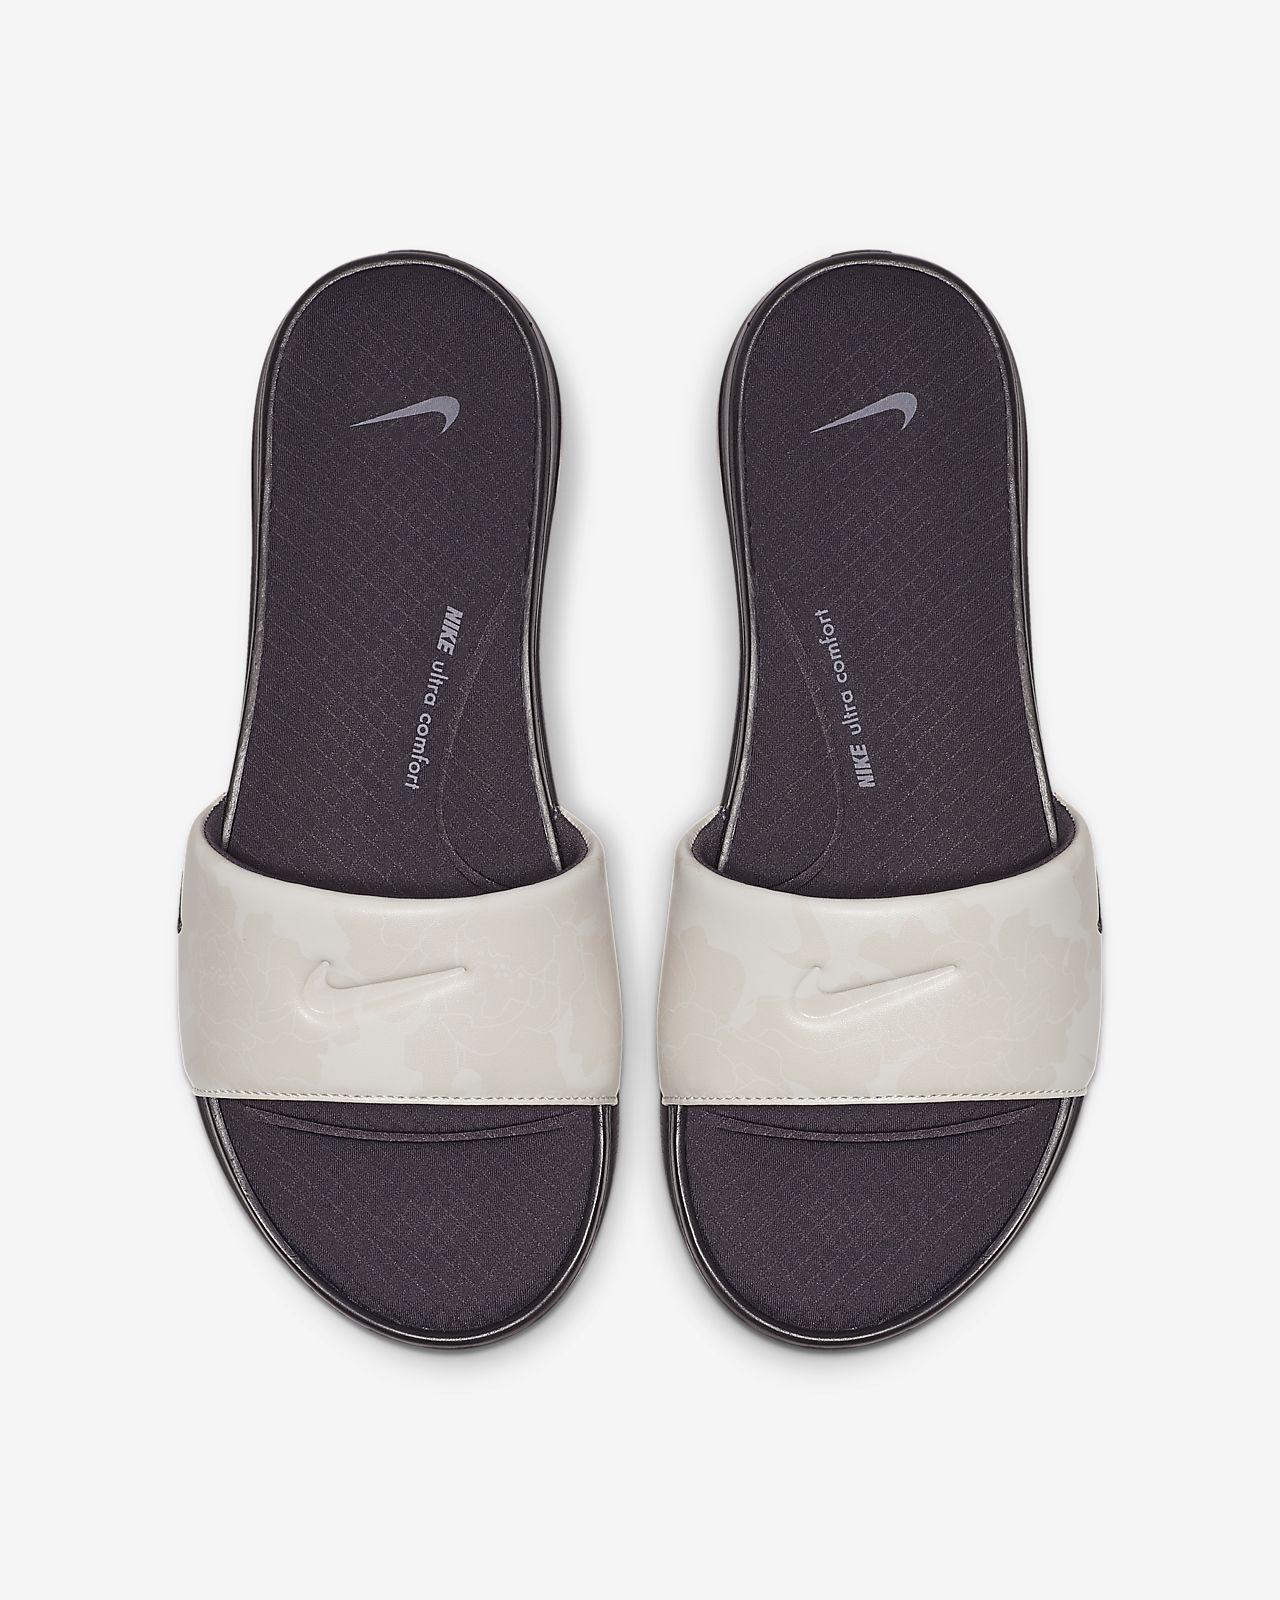 22faaaebe0e5 Nike Ultra Comfort 3 Printed női papucs. Nike.com HU